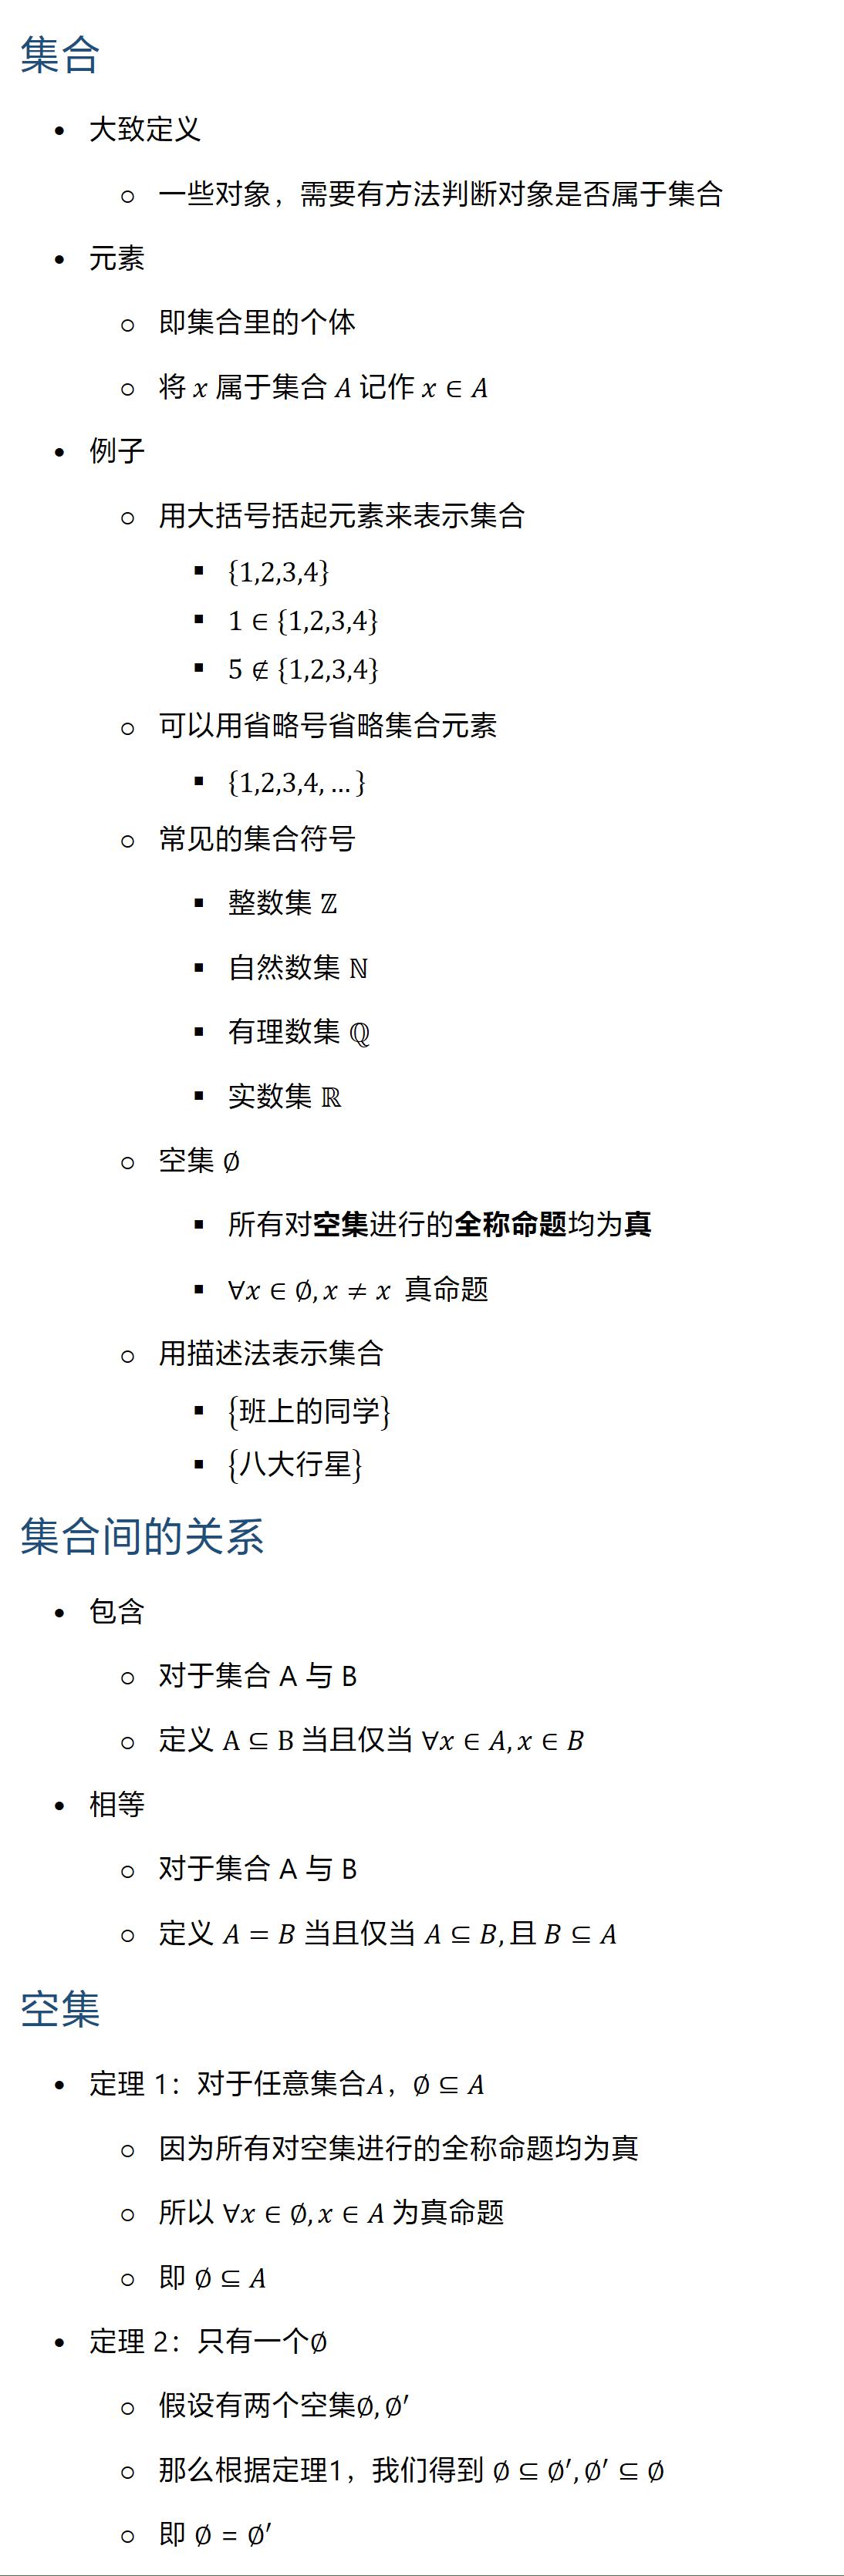 集合 • 大致定义 ○ 一些对象,需要有方法判断对象是否属于集合 • 元素 ○ 即集合里的个体 ○ 将 x 属于集合 A 记作 x∈A • 例子 ○ 用大括号括起元素来表示集合 § {1,2,3,4} § 1∈{1,2,3,4} § 5∉{1,2,3,4} ○ 可以用省略号省略集合元素 § {1,2,3,4,…} ○ 常见的集合符号 § 整数集 Z § 自然数集 N § 有理数集 Q § 实数集 R ○ 空集 ∅ § 所有对空集进行的全称命题均为真 § ∀x∈∅, x≠x 真命题 ○ 用描述法表示集合 § {班上的同学} § {八大行星} 集合间的关系 • 包含 ○ 对于集合 A 与 B ○ 定义 A⊆B 当且仅当 ∀x∈A, x∈B • 相等 ○ 对于集合 A 与 B ○ 定义 A=B 当且仅当 A⊆B,且 B⊆A 空集 • 定理 1:对于任意集合A ○ 因为所有对空集进行的全称命题均为真 ○ 所以 ∀x∈∅, x∈A 为真命题 ○ 即 ∅⊆A • 定理 2:只有一个∅ ○ 假设有两个空集∅, ∅^′ ○ 那么根据定理1,我们得到 ∅⊆∅^′,∅^′⊆∅ ○ 即 ∅=∅′